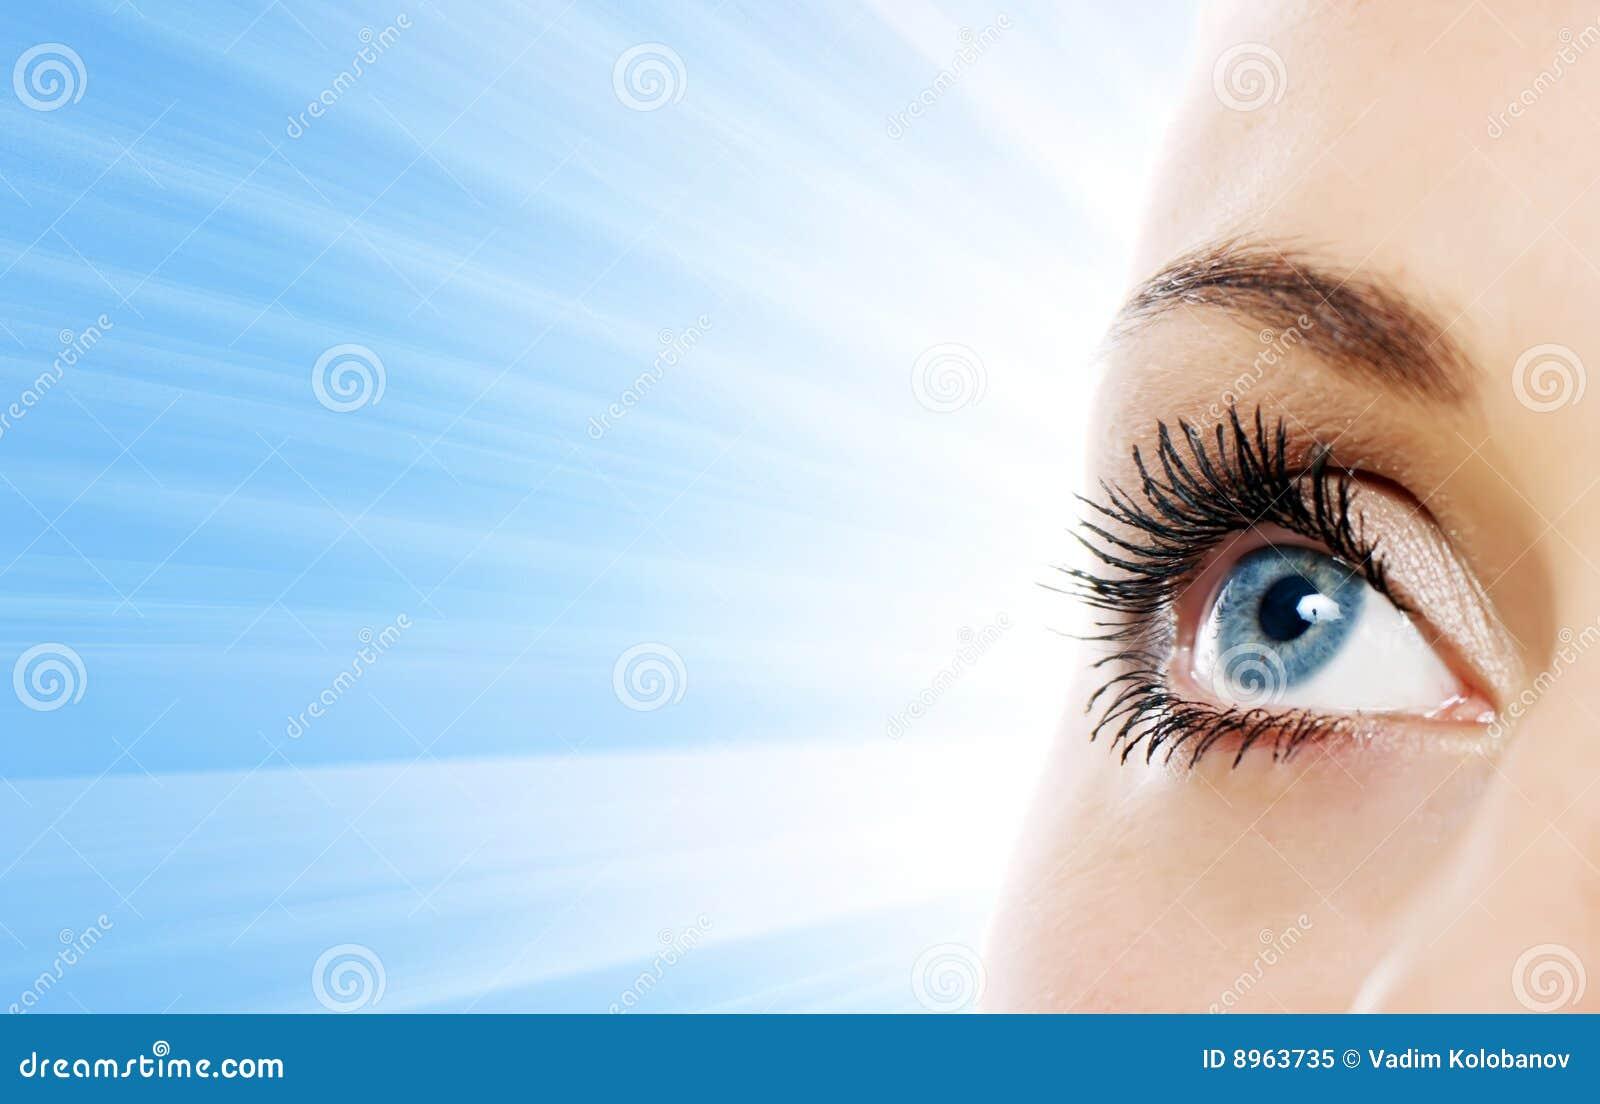 близкая женщина взгляда глаза